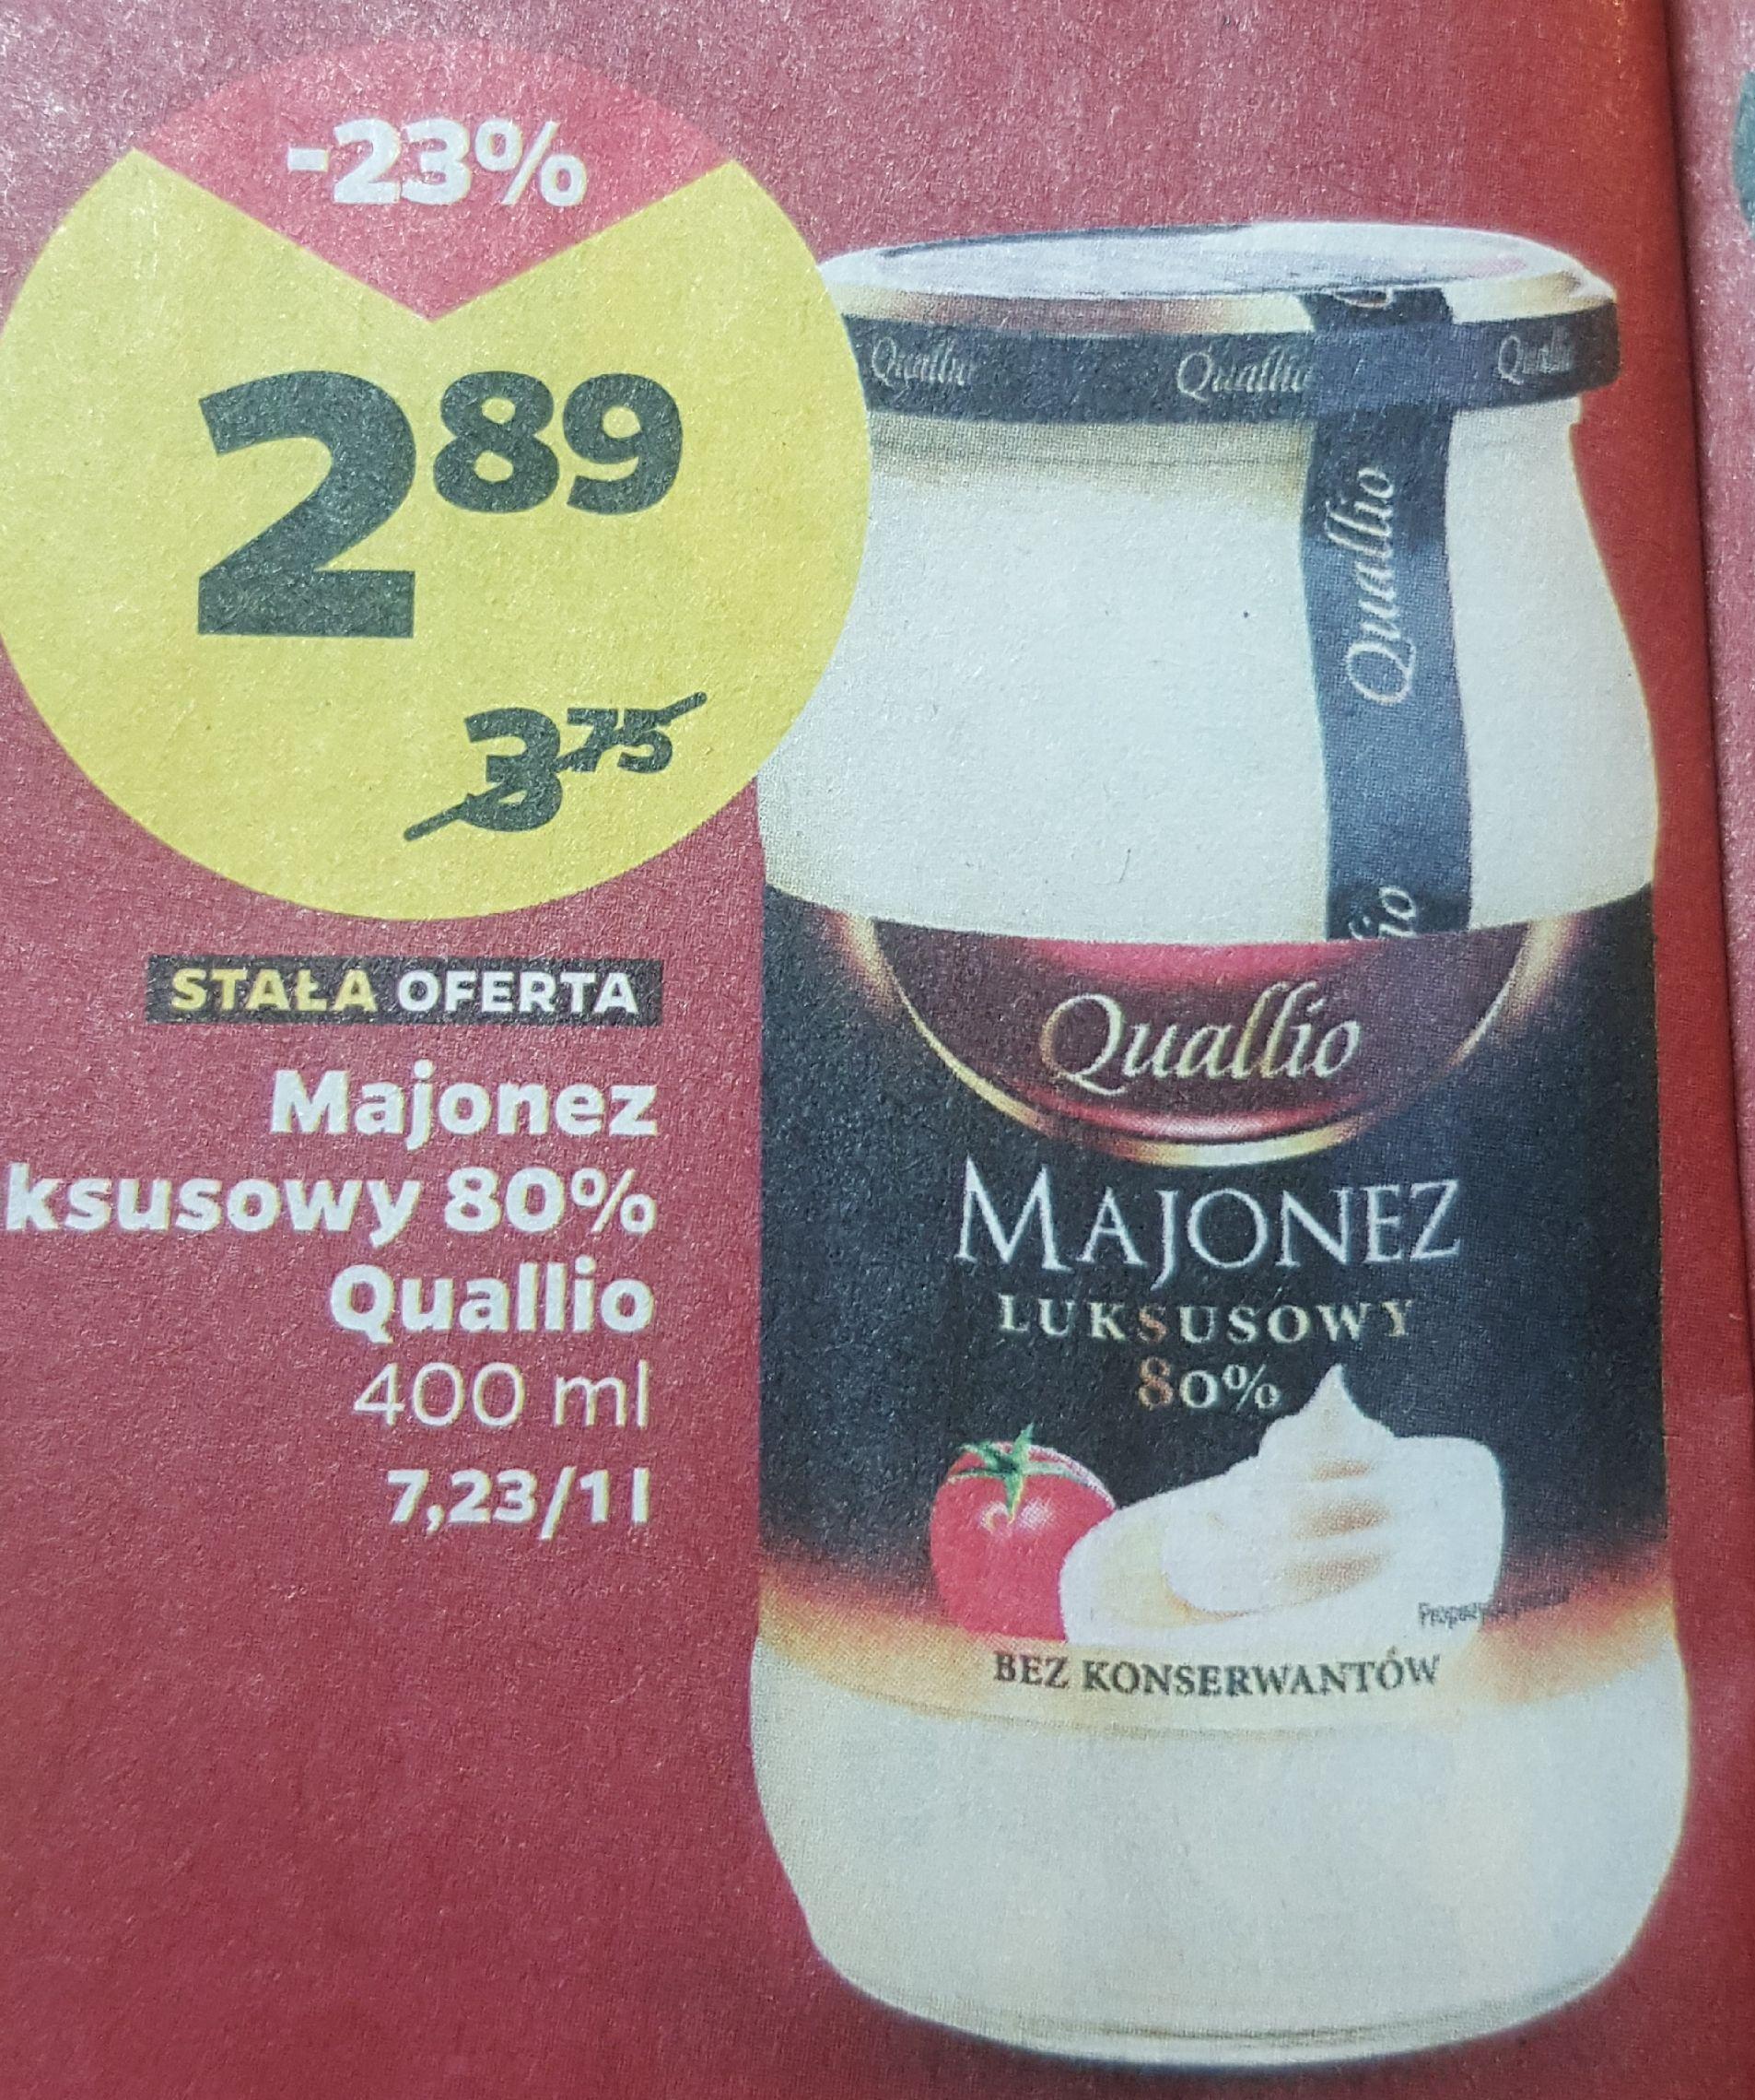 Majonez luksusowy 80% Quallio 400ml w Netto